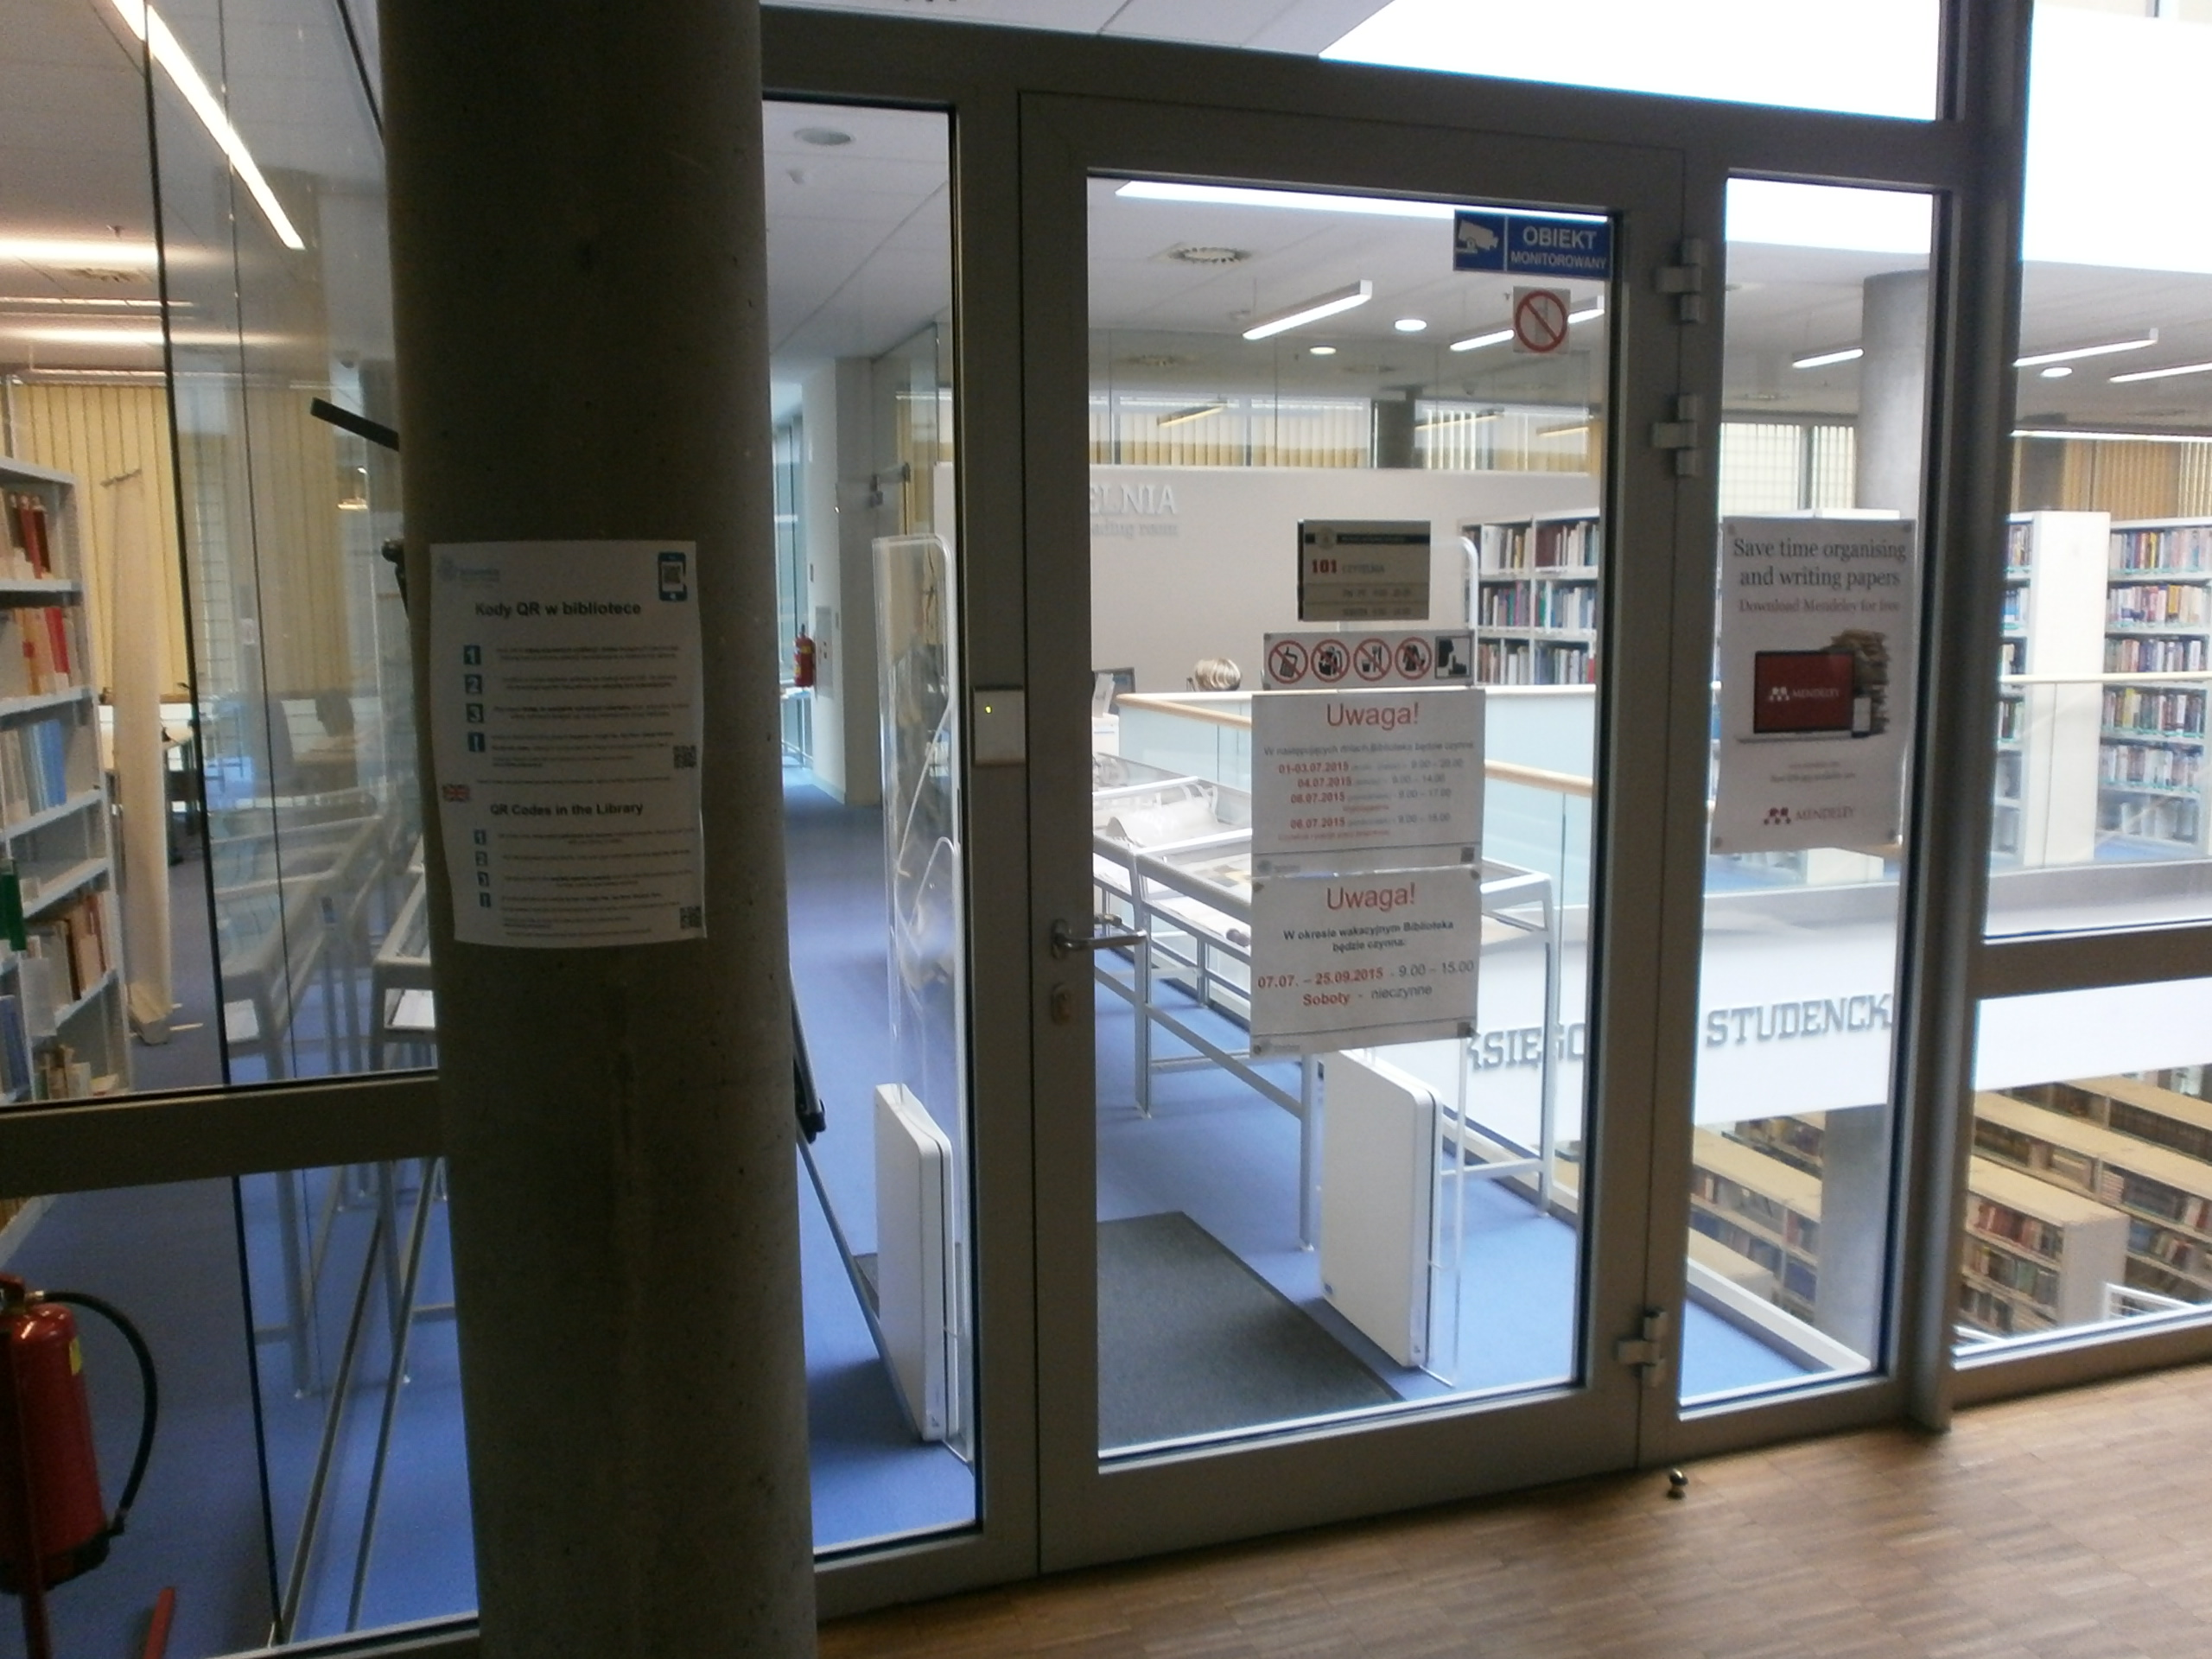 Wejście do biblioteki na piętrze